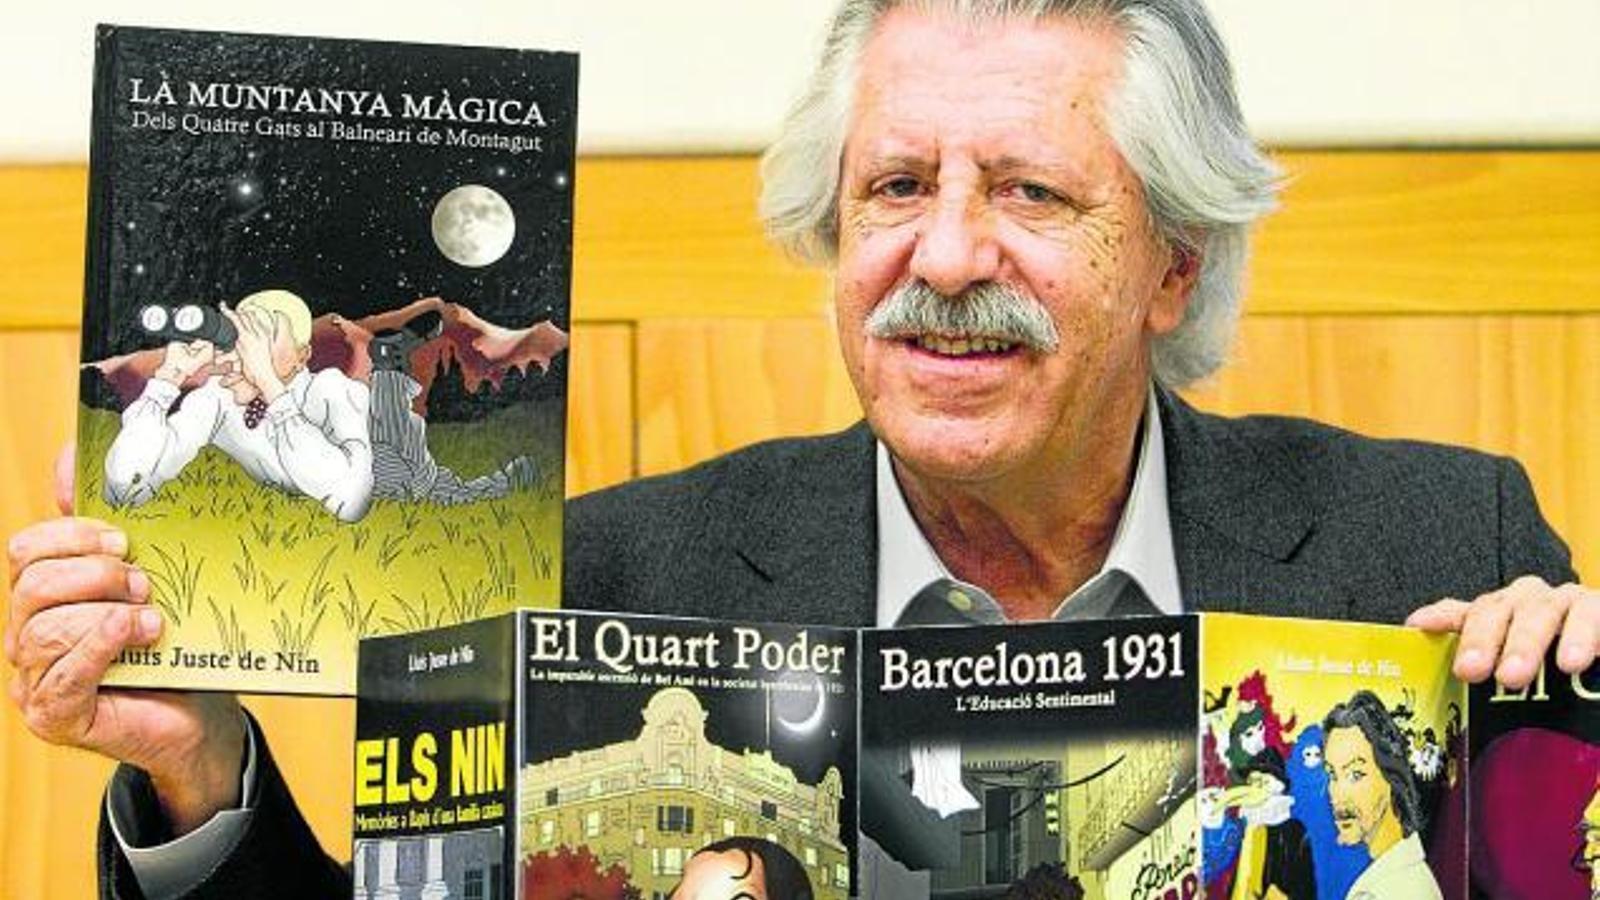 Mor Lluís Juste de Nin, un referent del còmic català